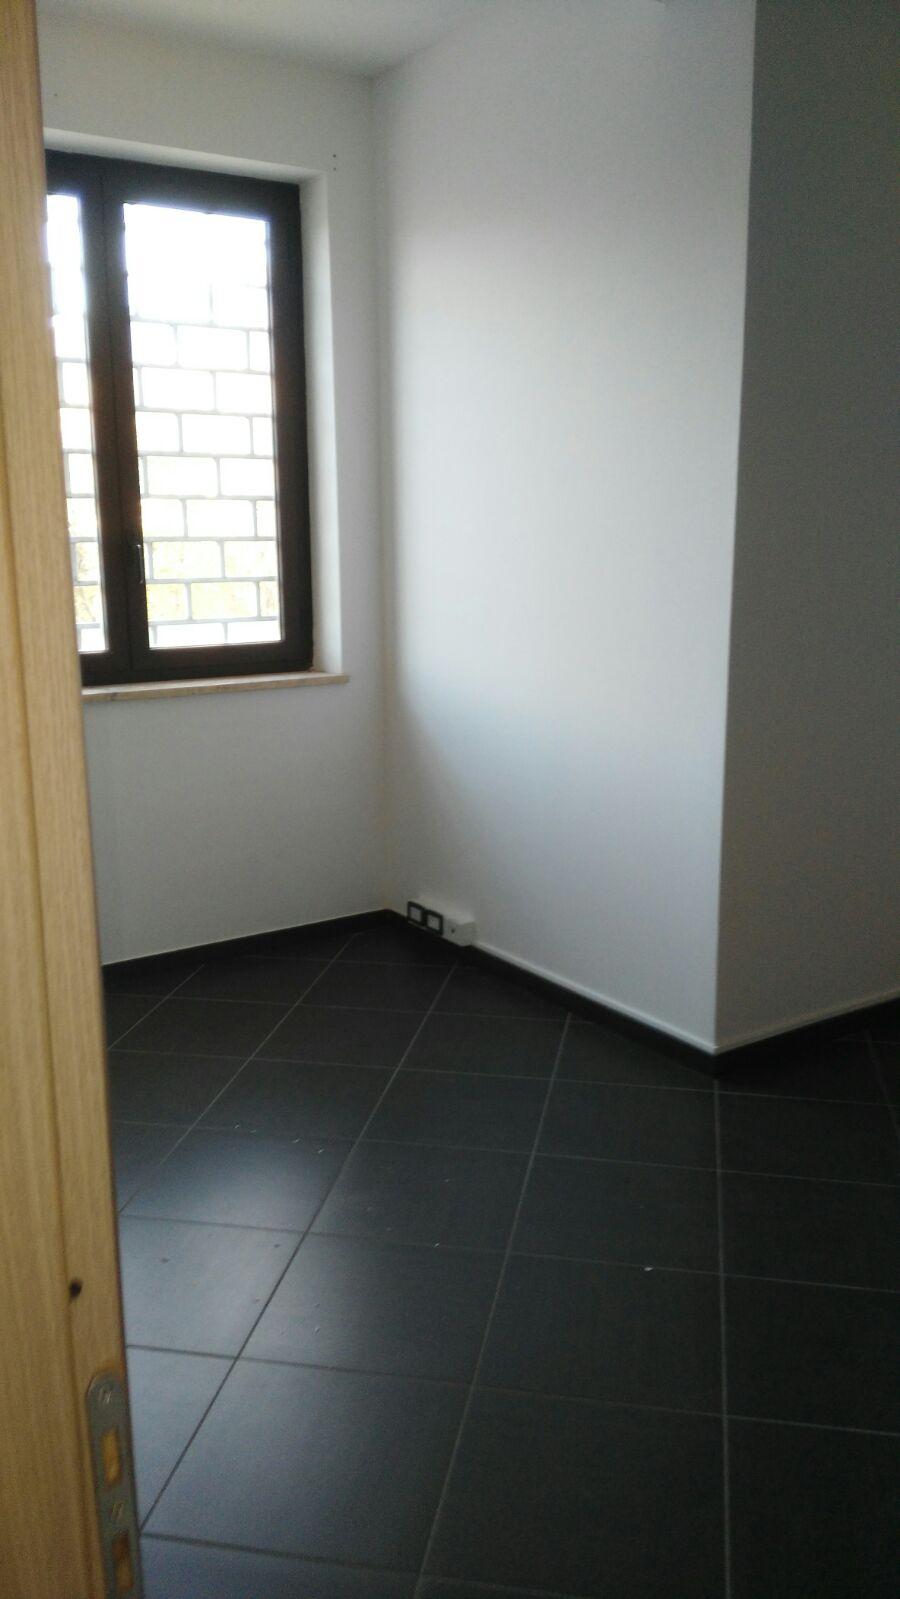 Ufficio / Studio in vendita a Baronissi, 9999 locali, zona Zona: Saragnano, prezzo € 95.000 | CambioCasa.it